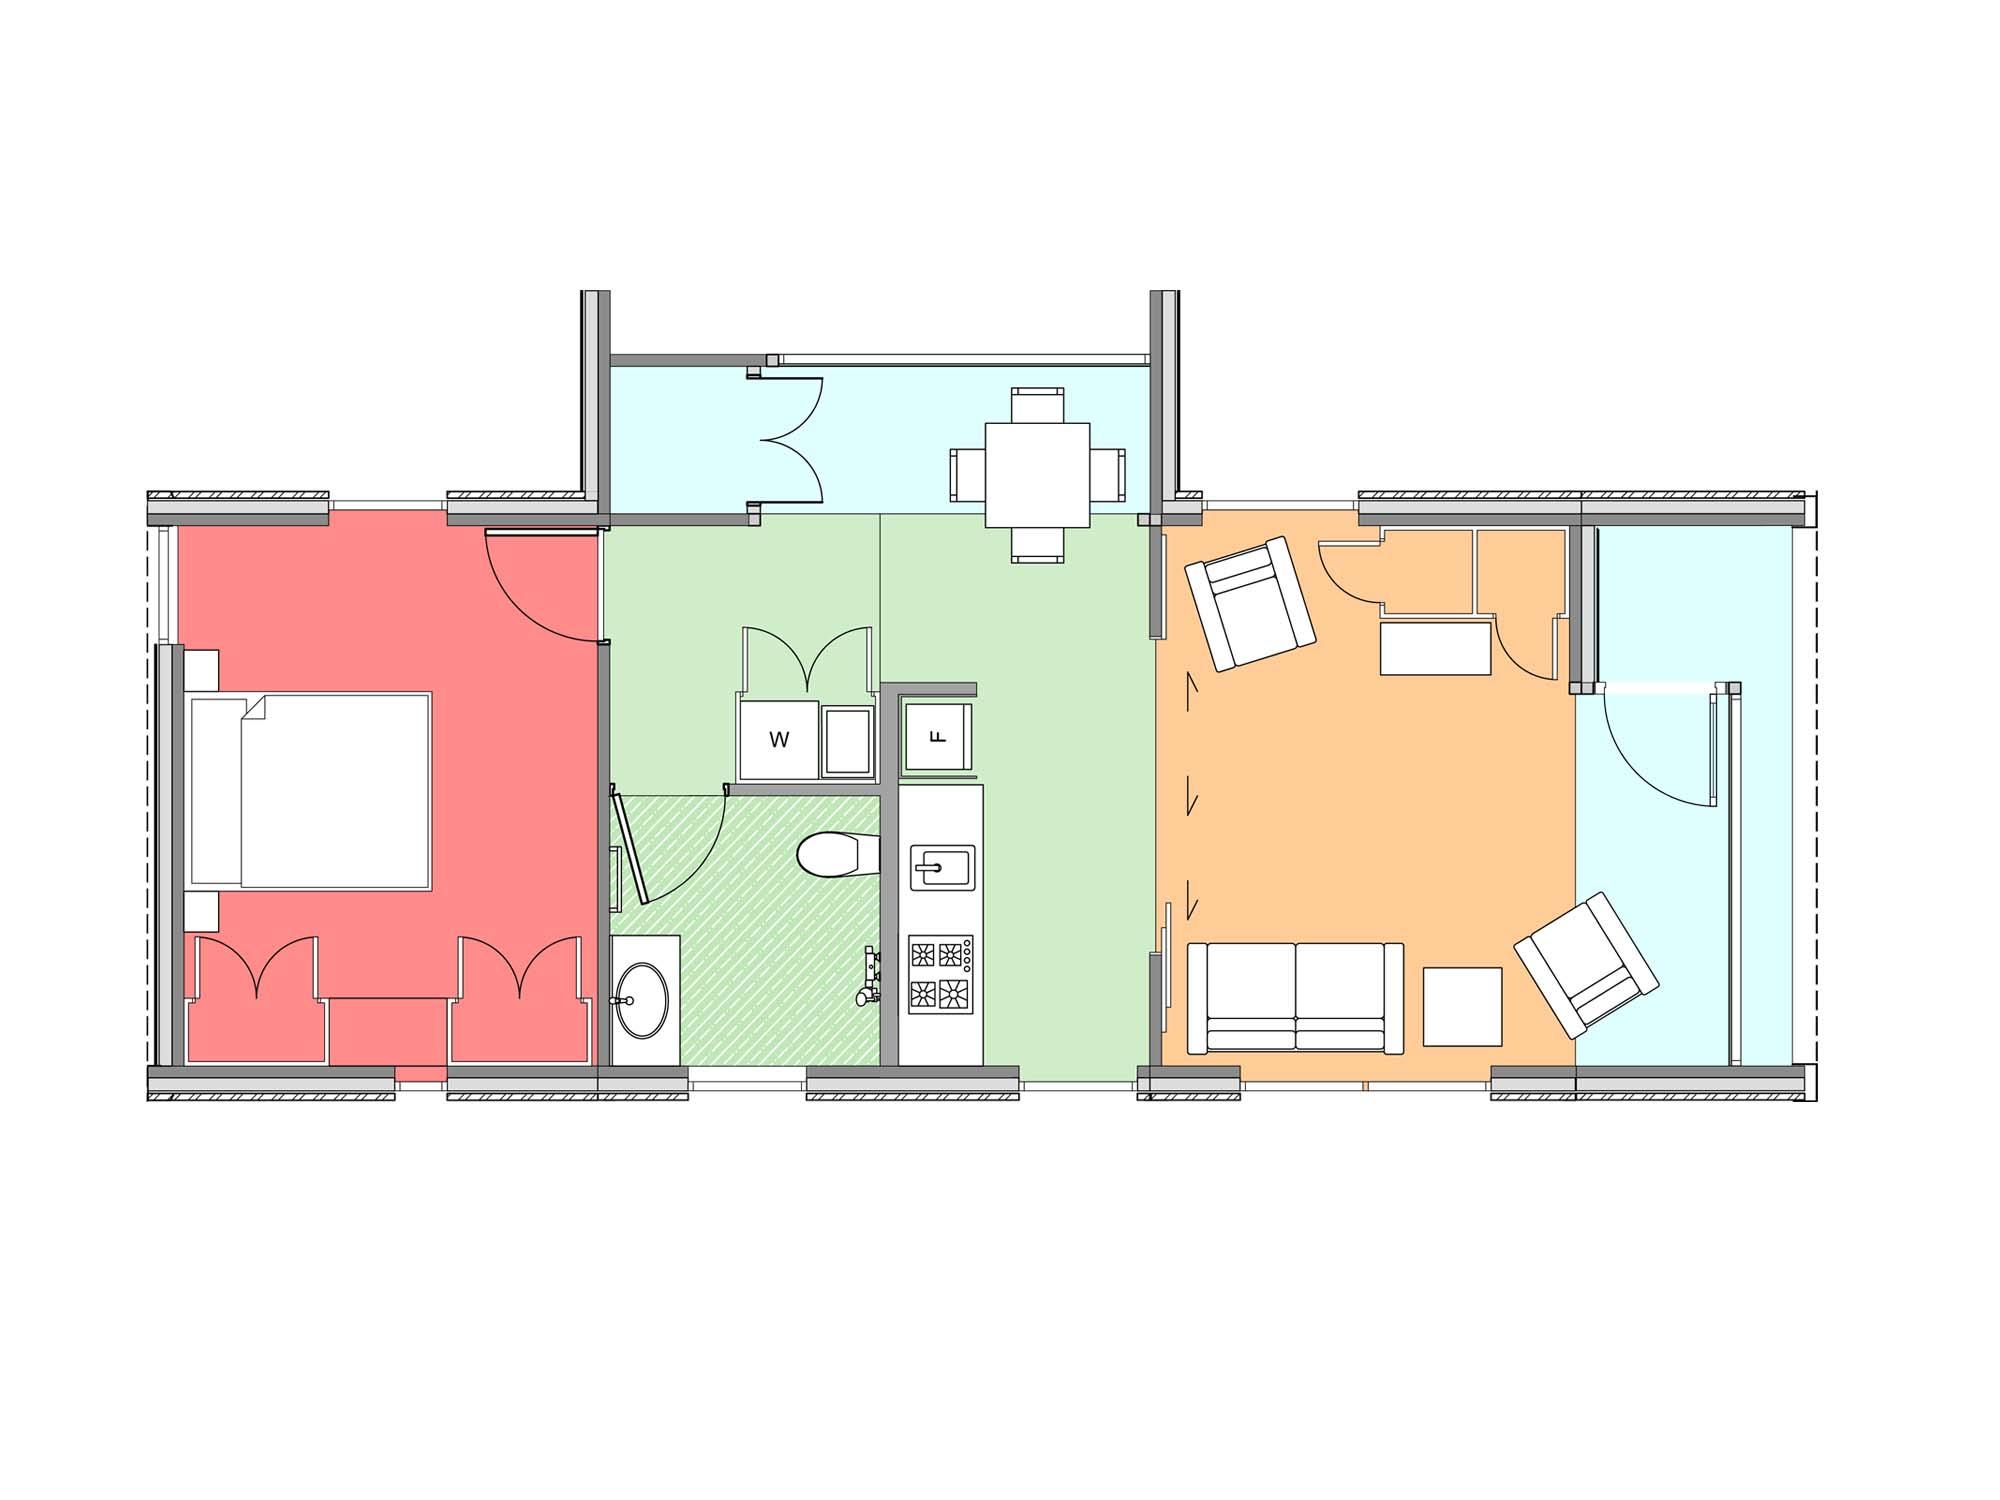 Plan of Te Whare-iti TWI 13